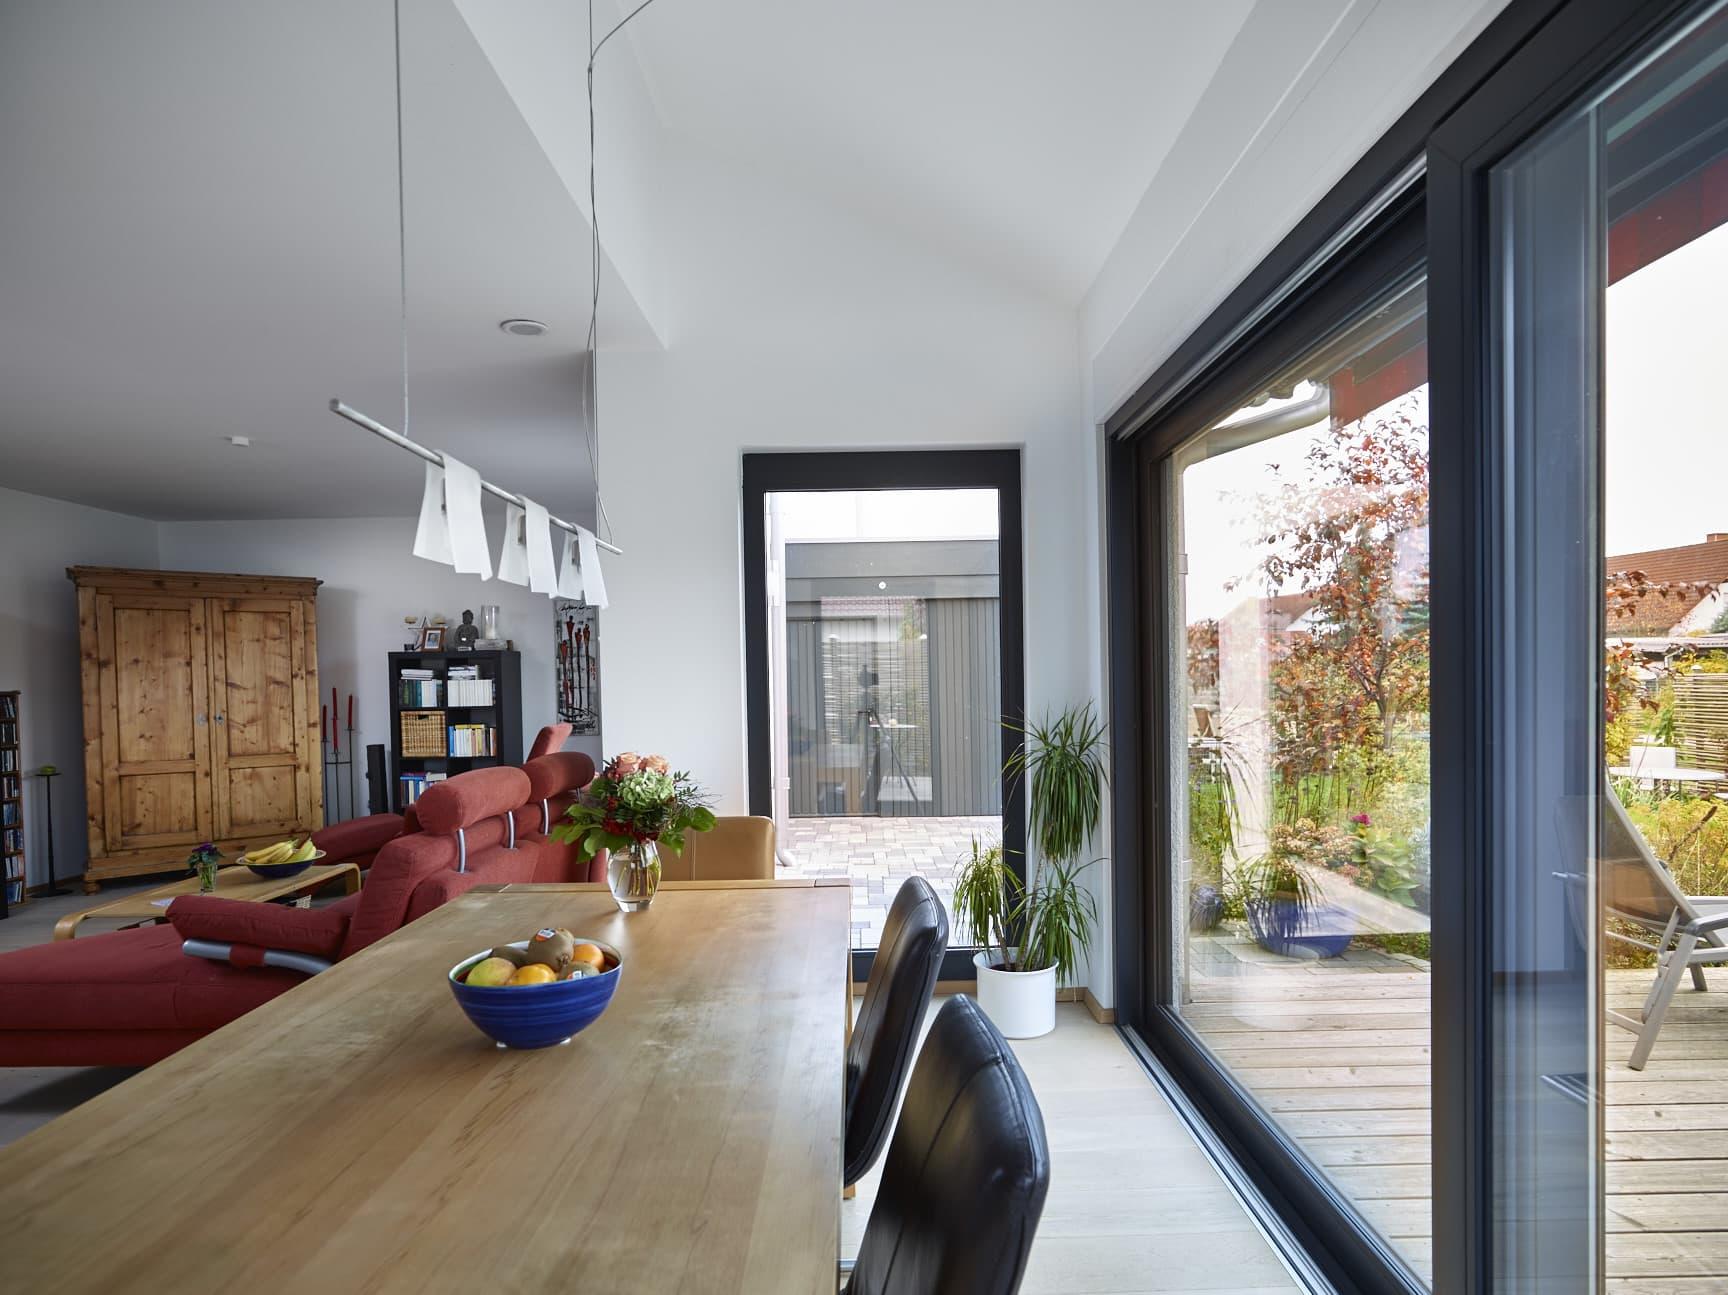 Inneneinrichtung Esszimmer mit Erker - Fertighaus Bungalow Marmilla von GUSSEK HAUS - HausbauDirekt.de